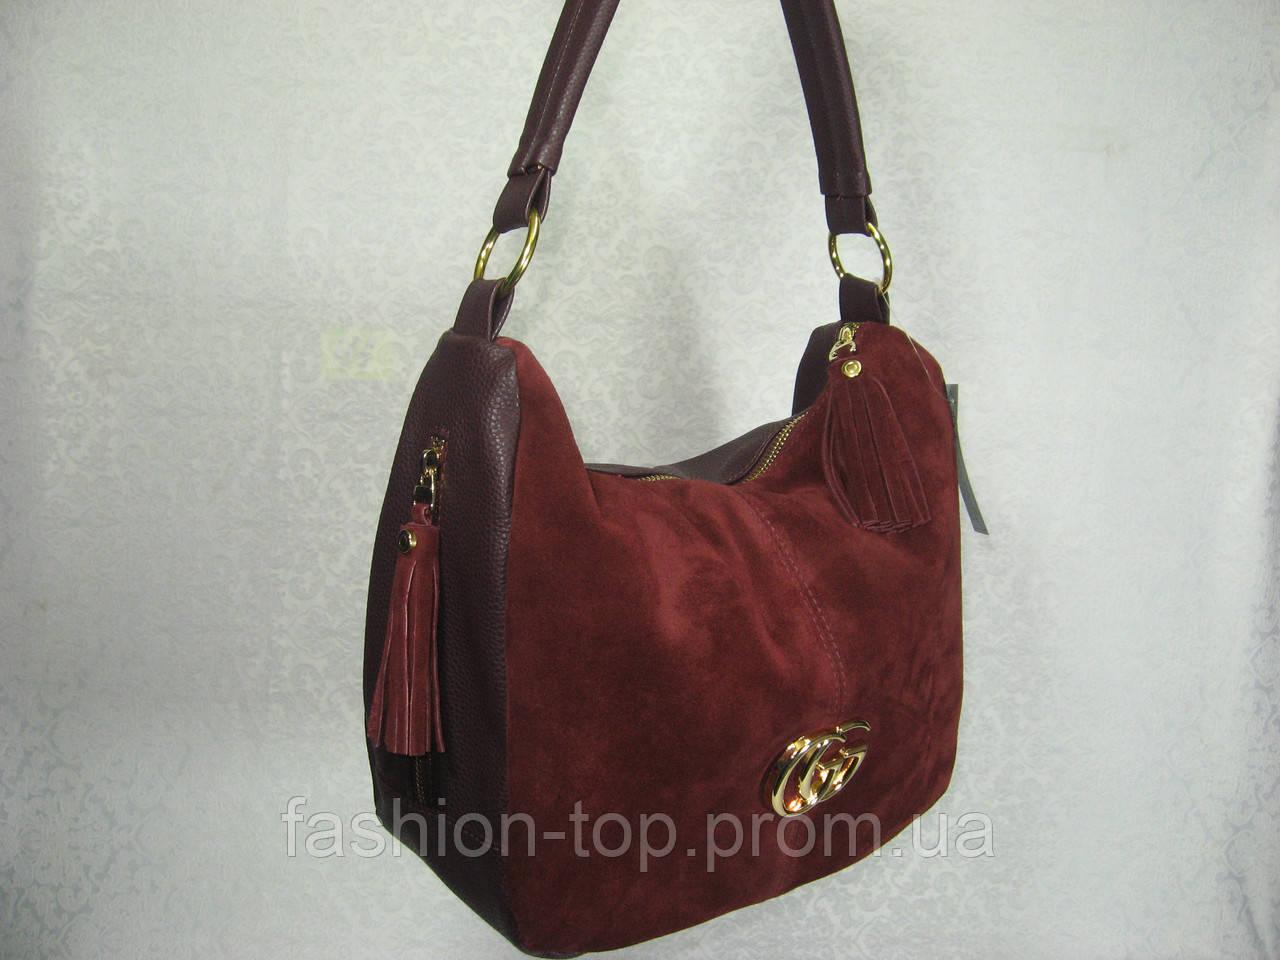 64bc6347edd7 Женская сумка Valetta с натуральным замшем - Интернет-магазин